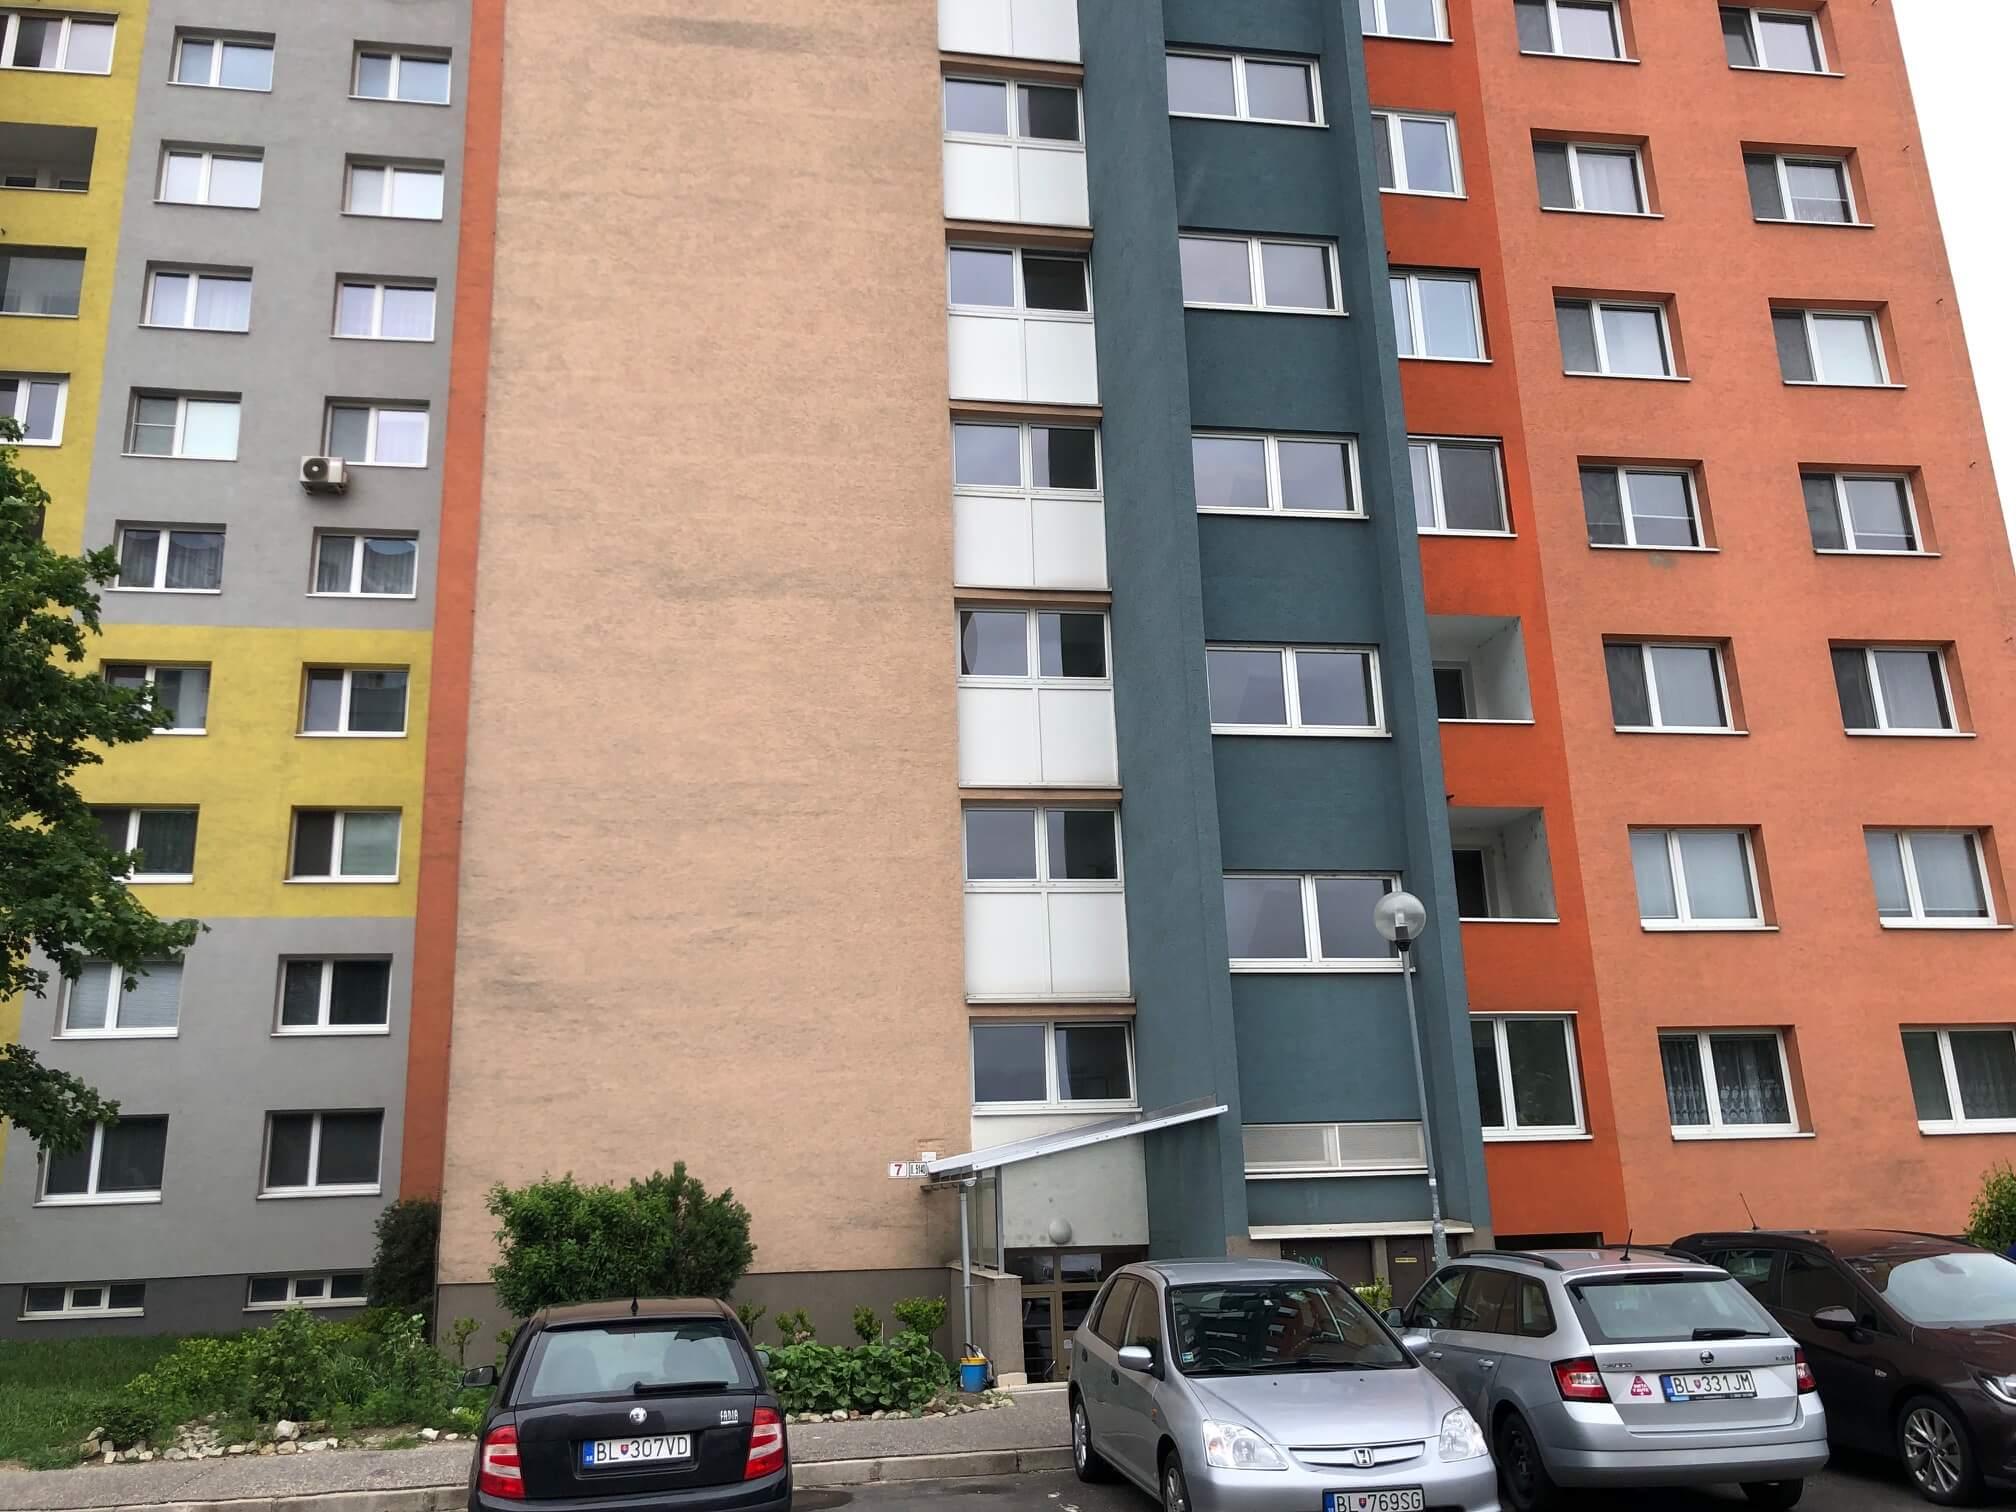 Predaný: 1 izbový byt, Ipeľská, Bratislava, 38m2, nízke náklady, parkovanie, vynikajúca občianska vybavenosť-32